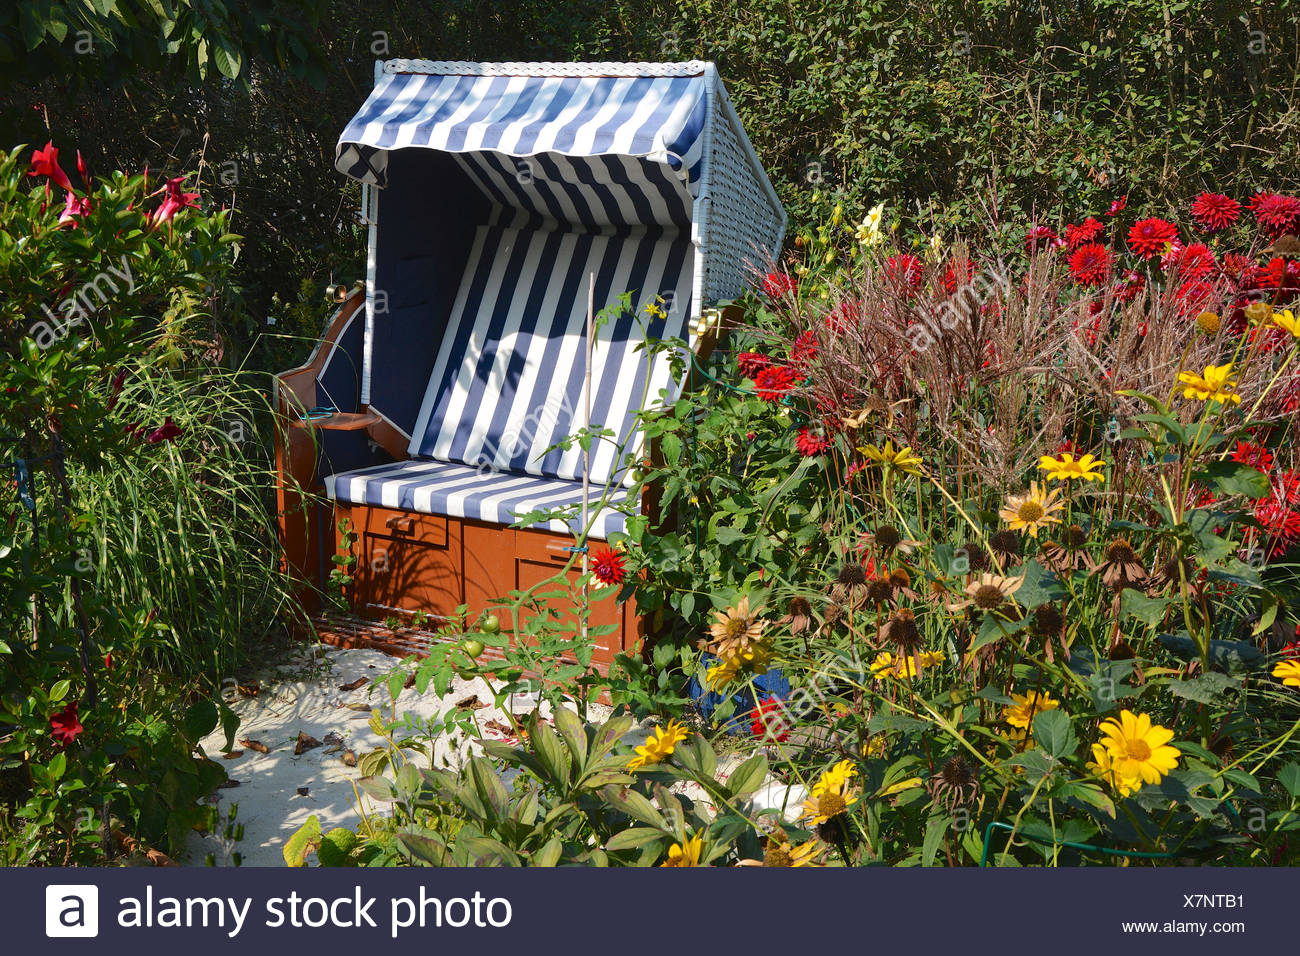 Strandkorb Im Garten Stockfoto Bild 280148597 Alamy